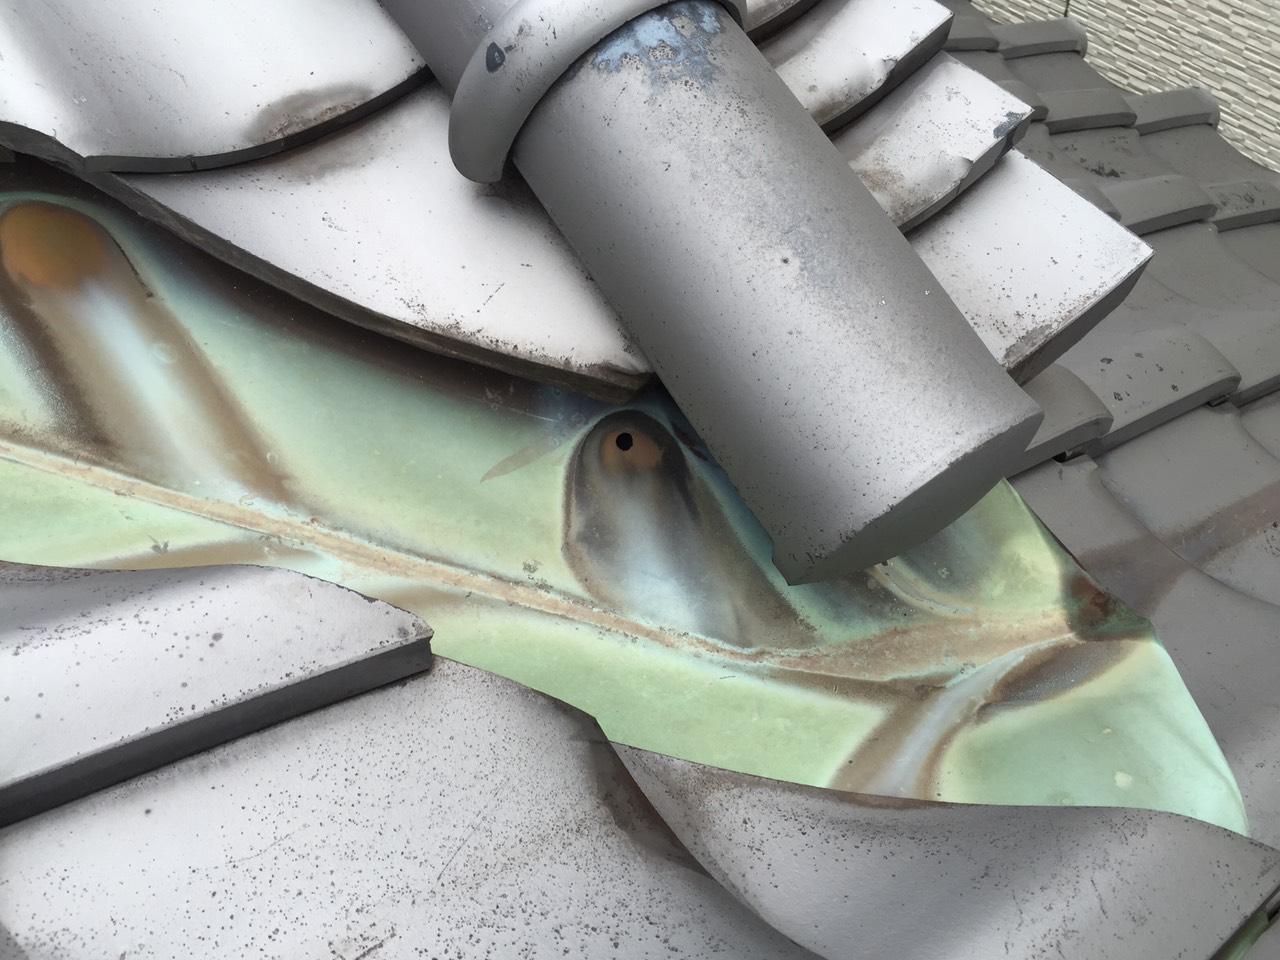 早島町雨漏り補修工事 施工前の写真②